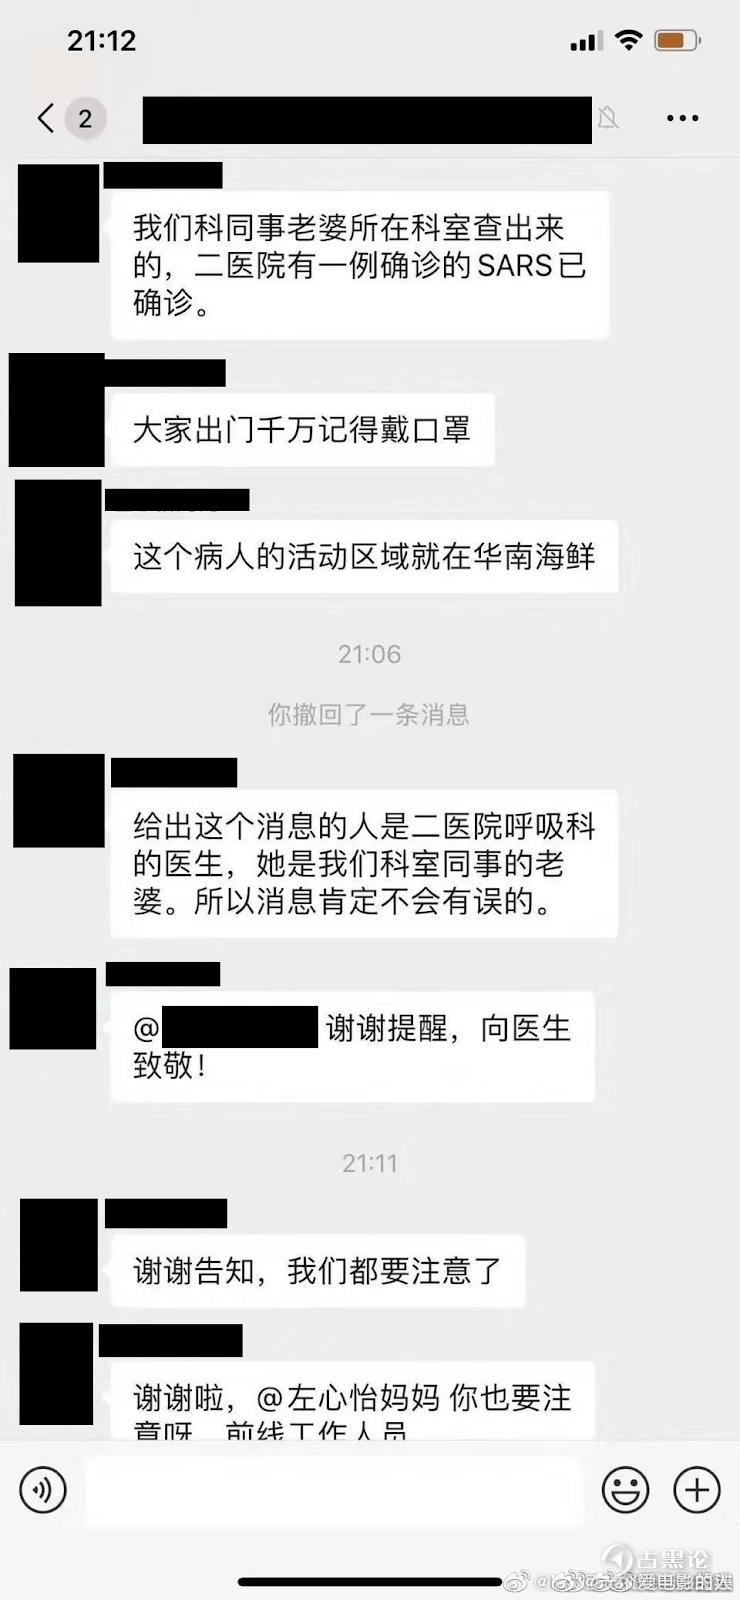 武汉新型冠状病毒初期相关事件及流言部分收录 6.png